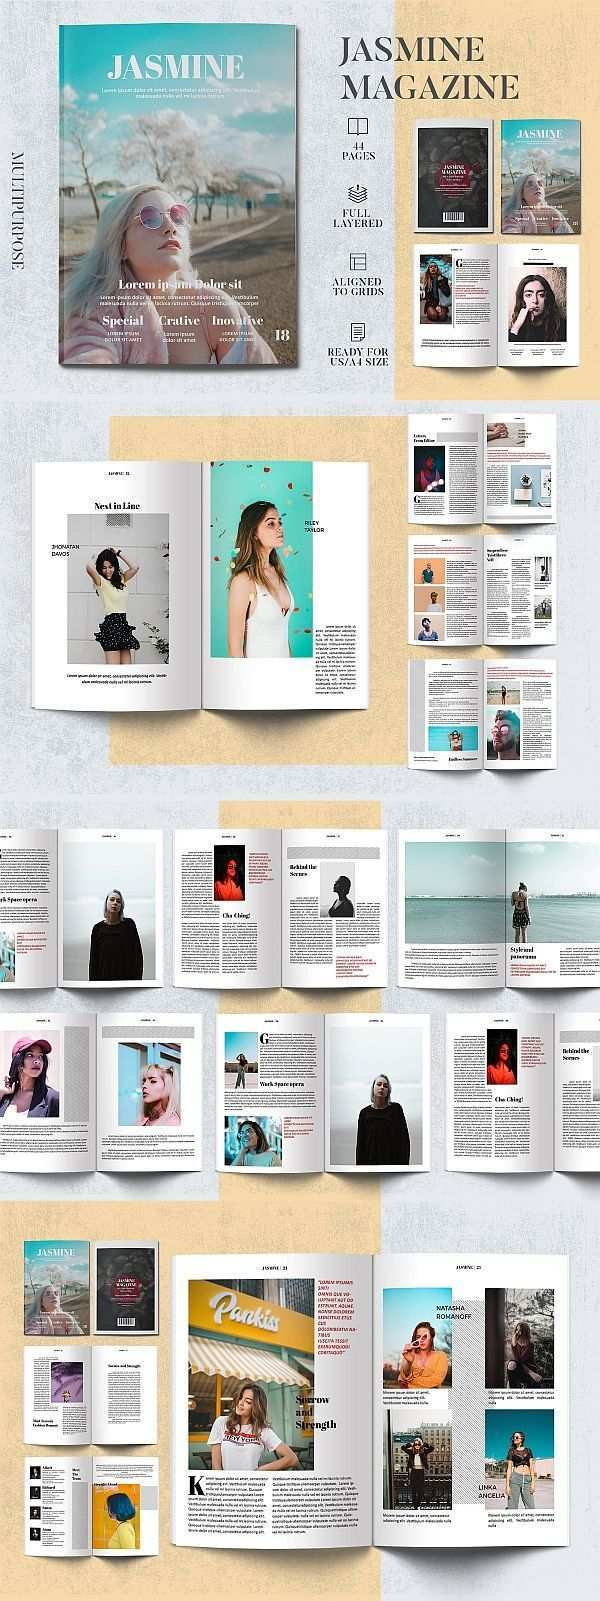 Jasmine Magazine Template Magazine Brochure Template Brochuretemplate Brochuredesign Layout Layoutdesign Editorial In Magazin Design Vorlagen Template